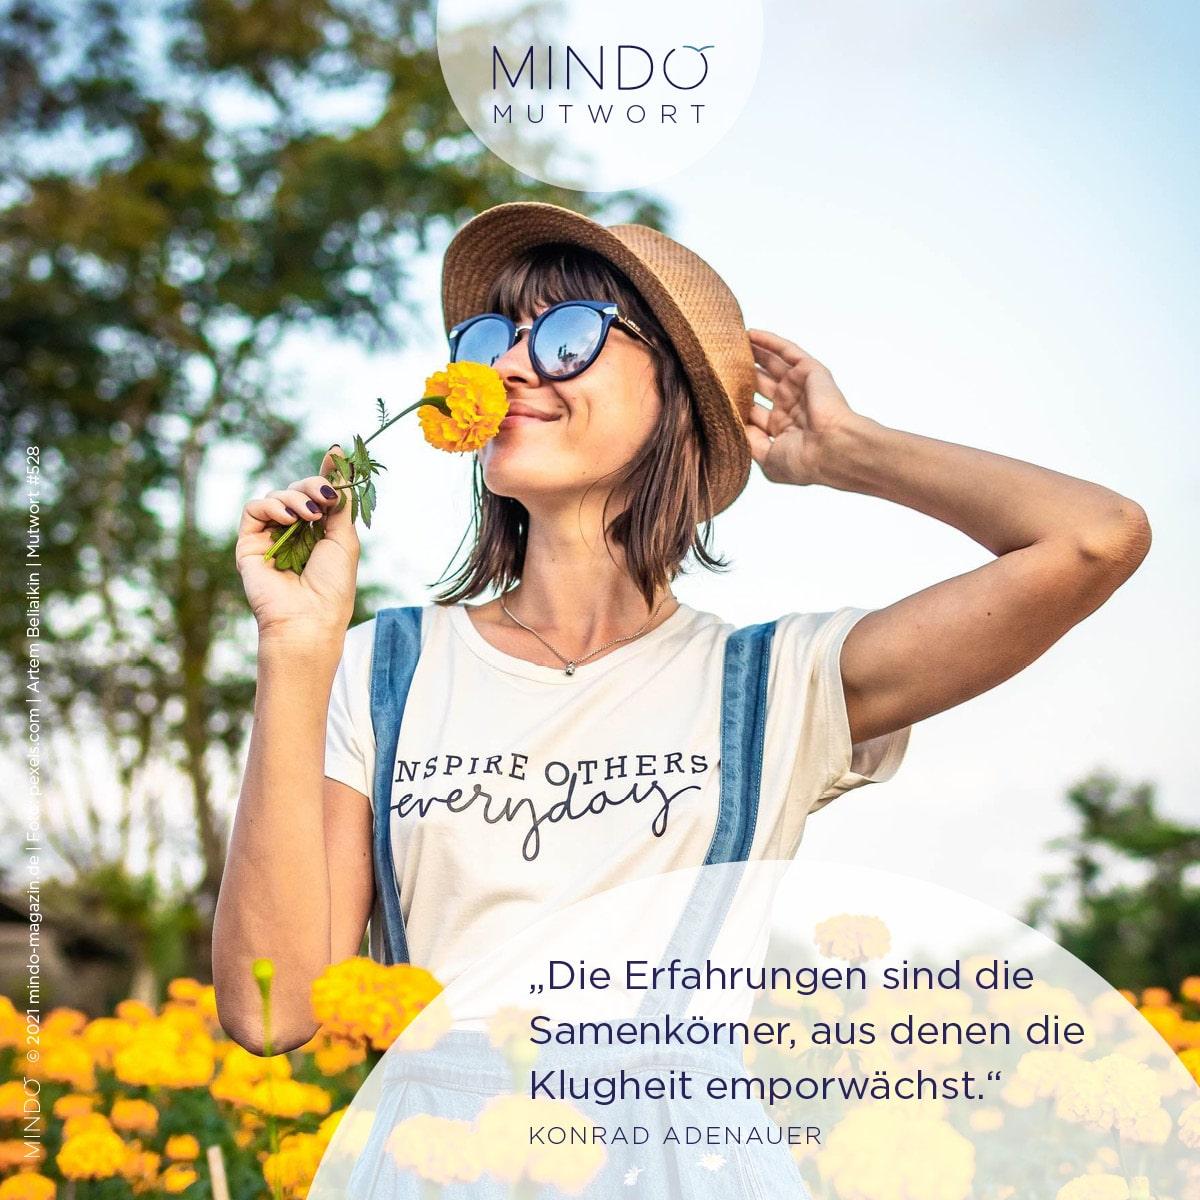 """""""Die Erfahrungen sind die Samenkörner, aus denen die Klugheit emporwächst.""""- Konrad Adenauer"""